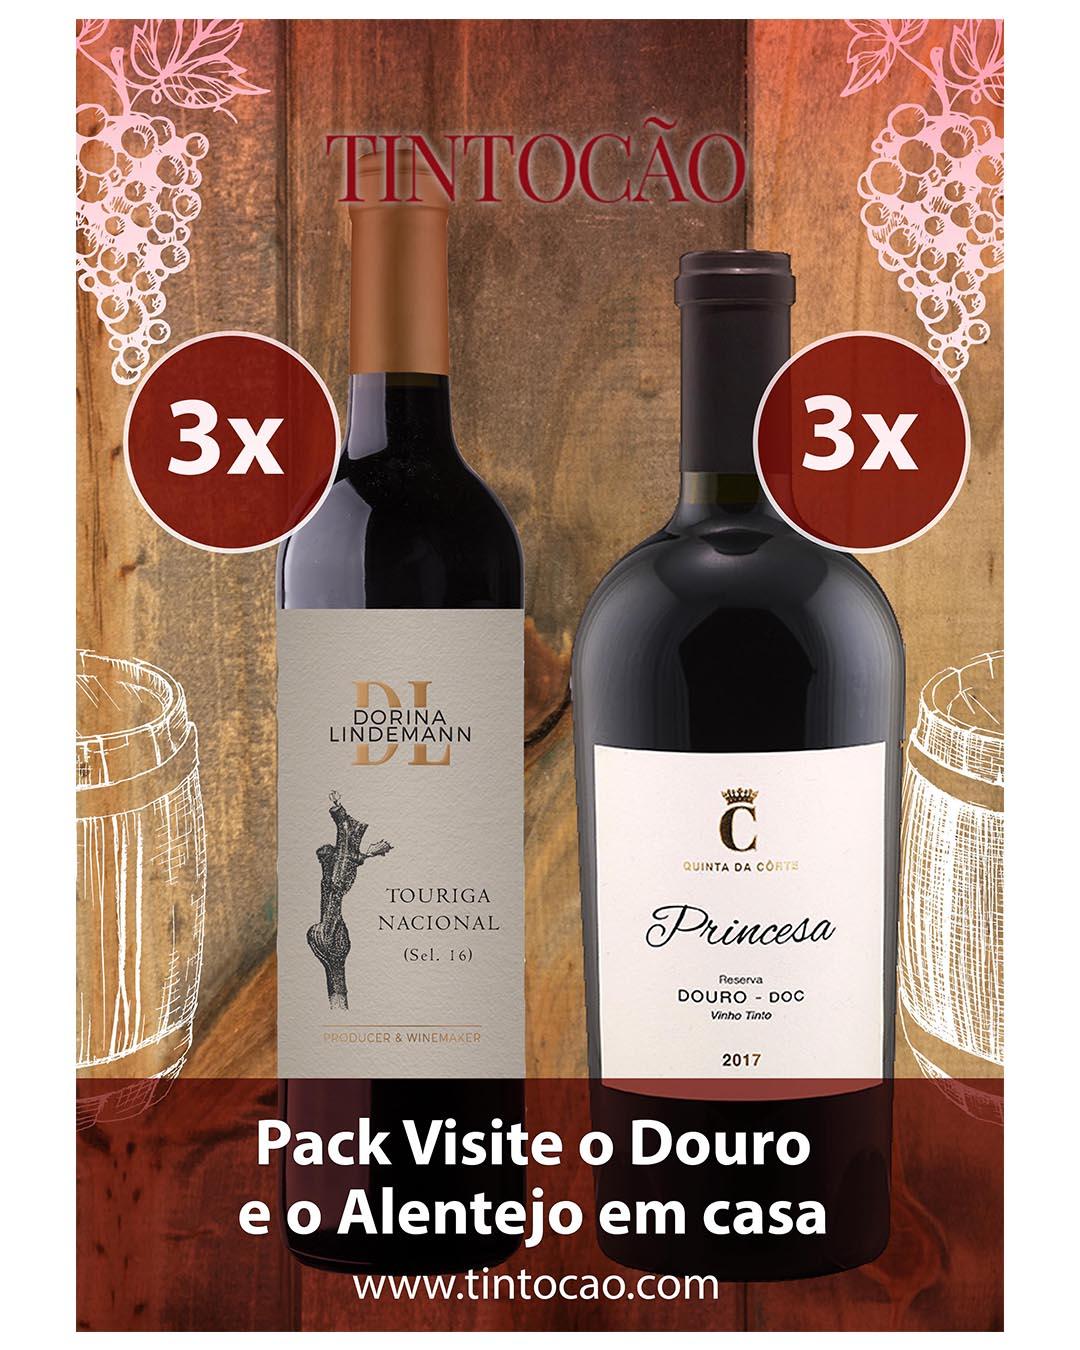 Visite o Douro e o Alentejo em casa